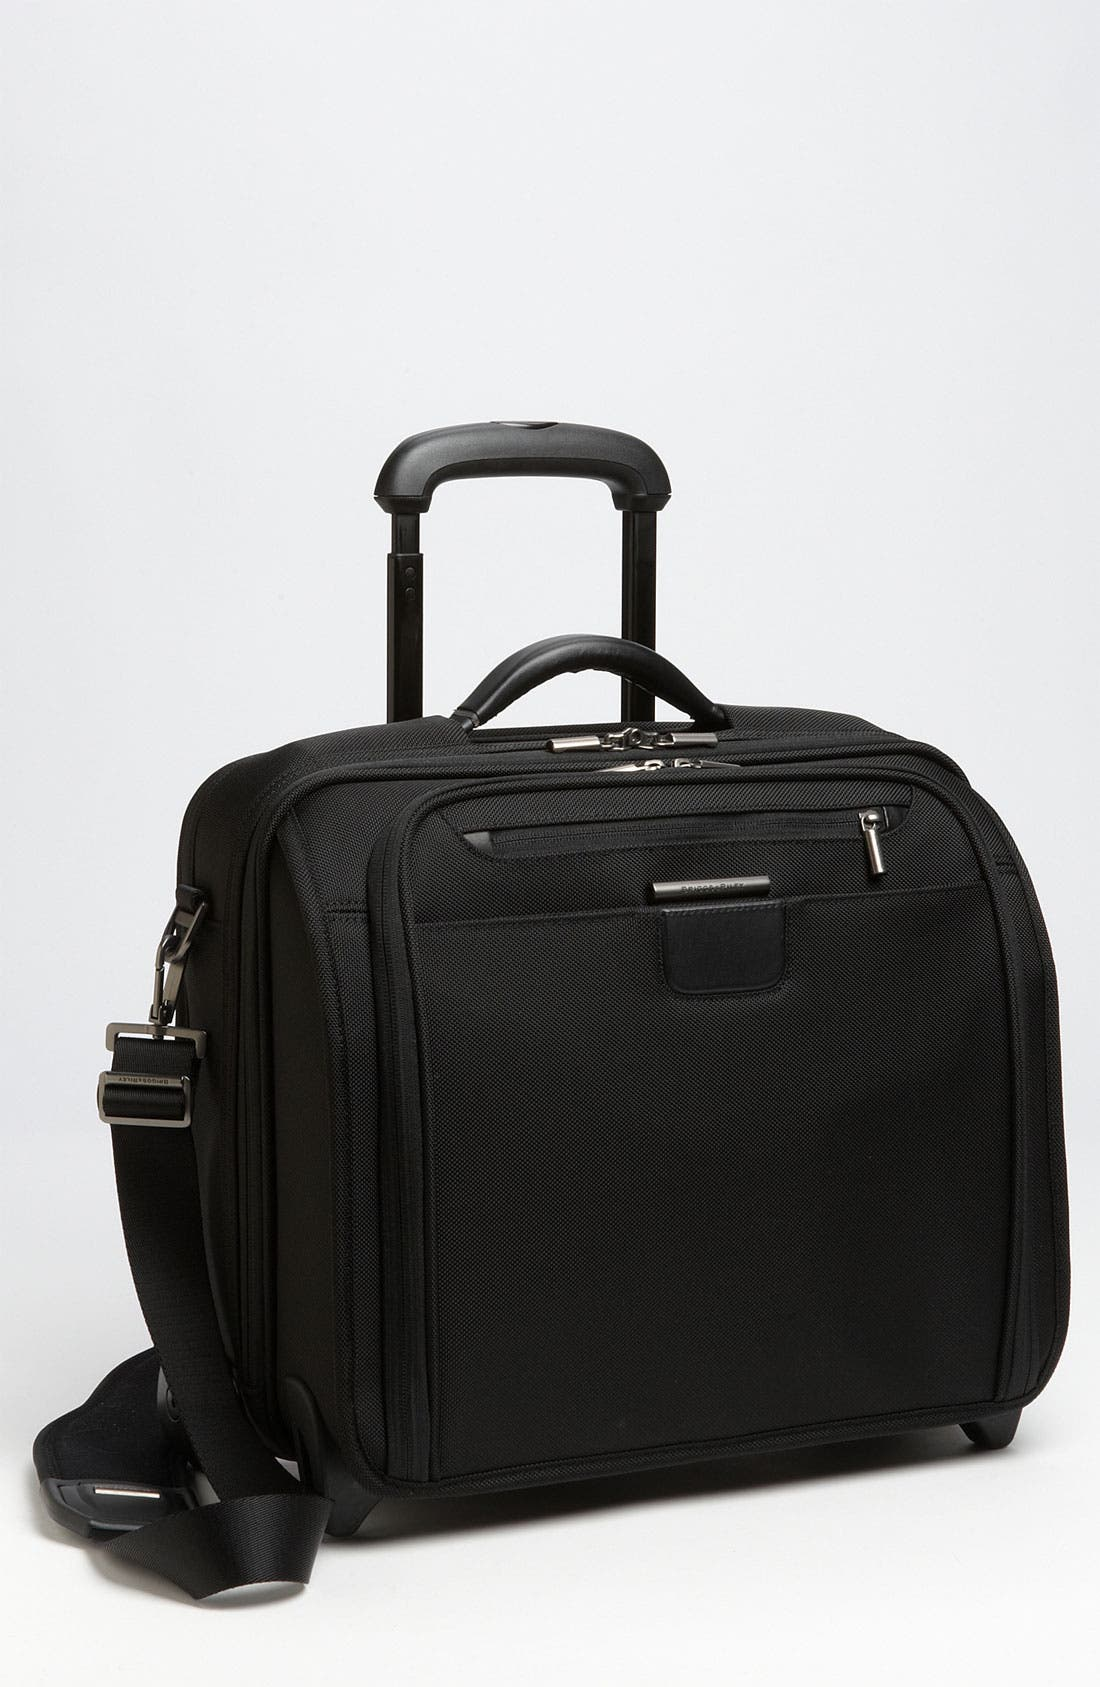 Alternate Image 1 Selected - Briggs & Riley 'Work - Medium Slim' Wheeled Briefcase